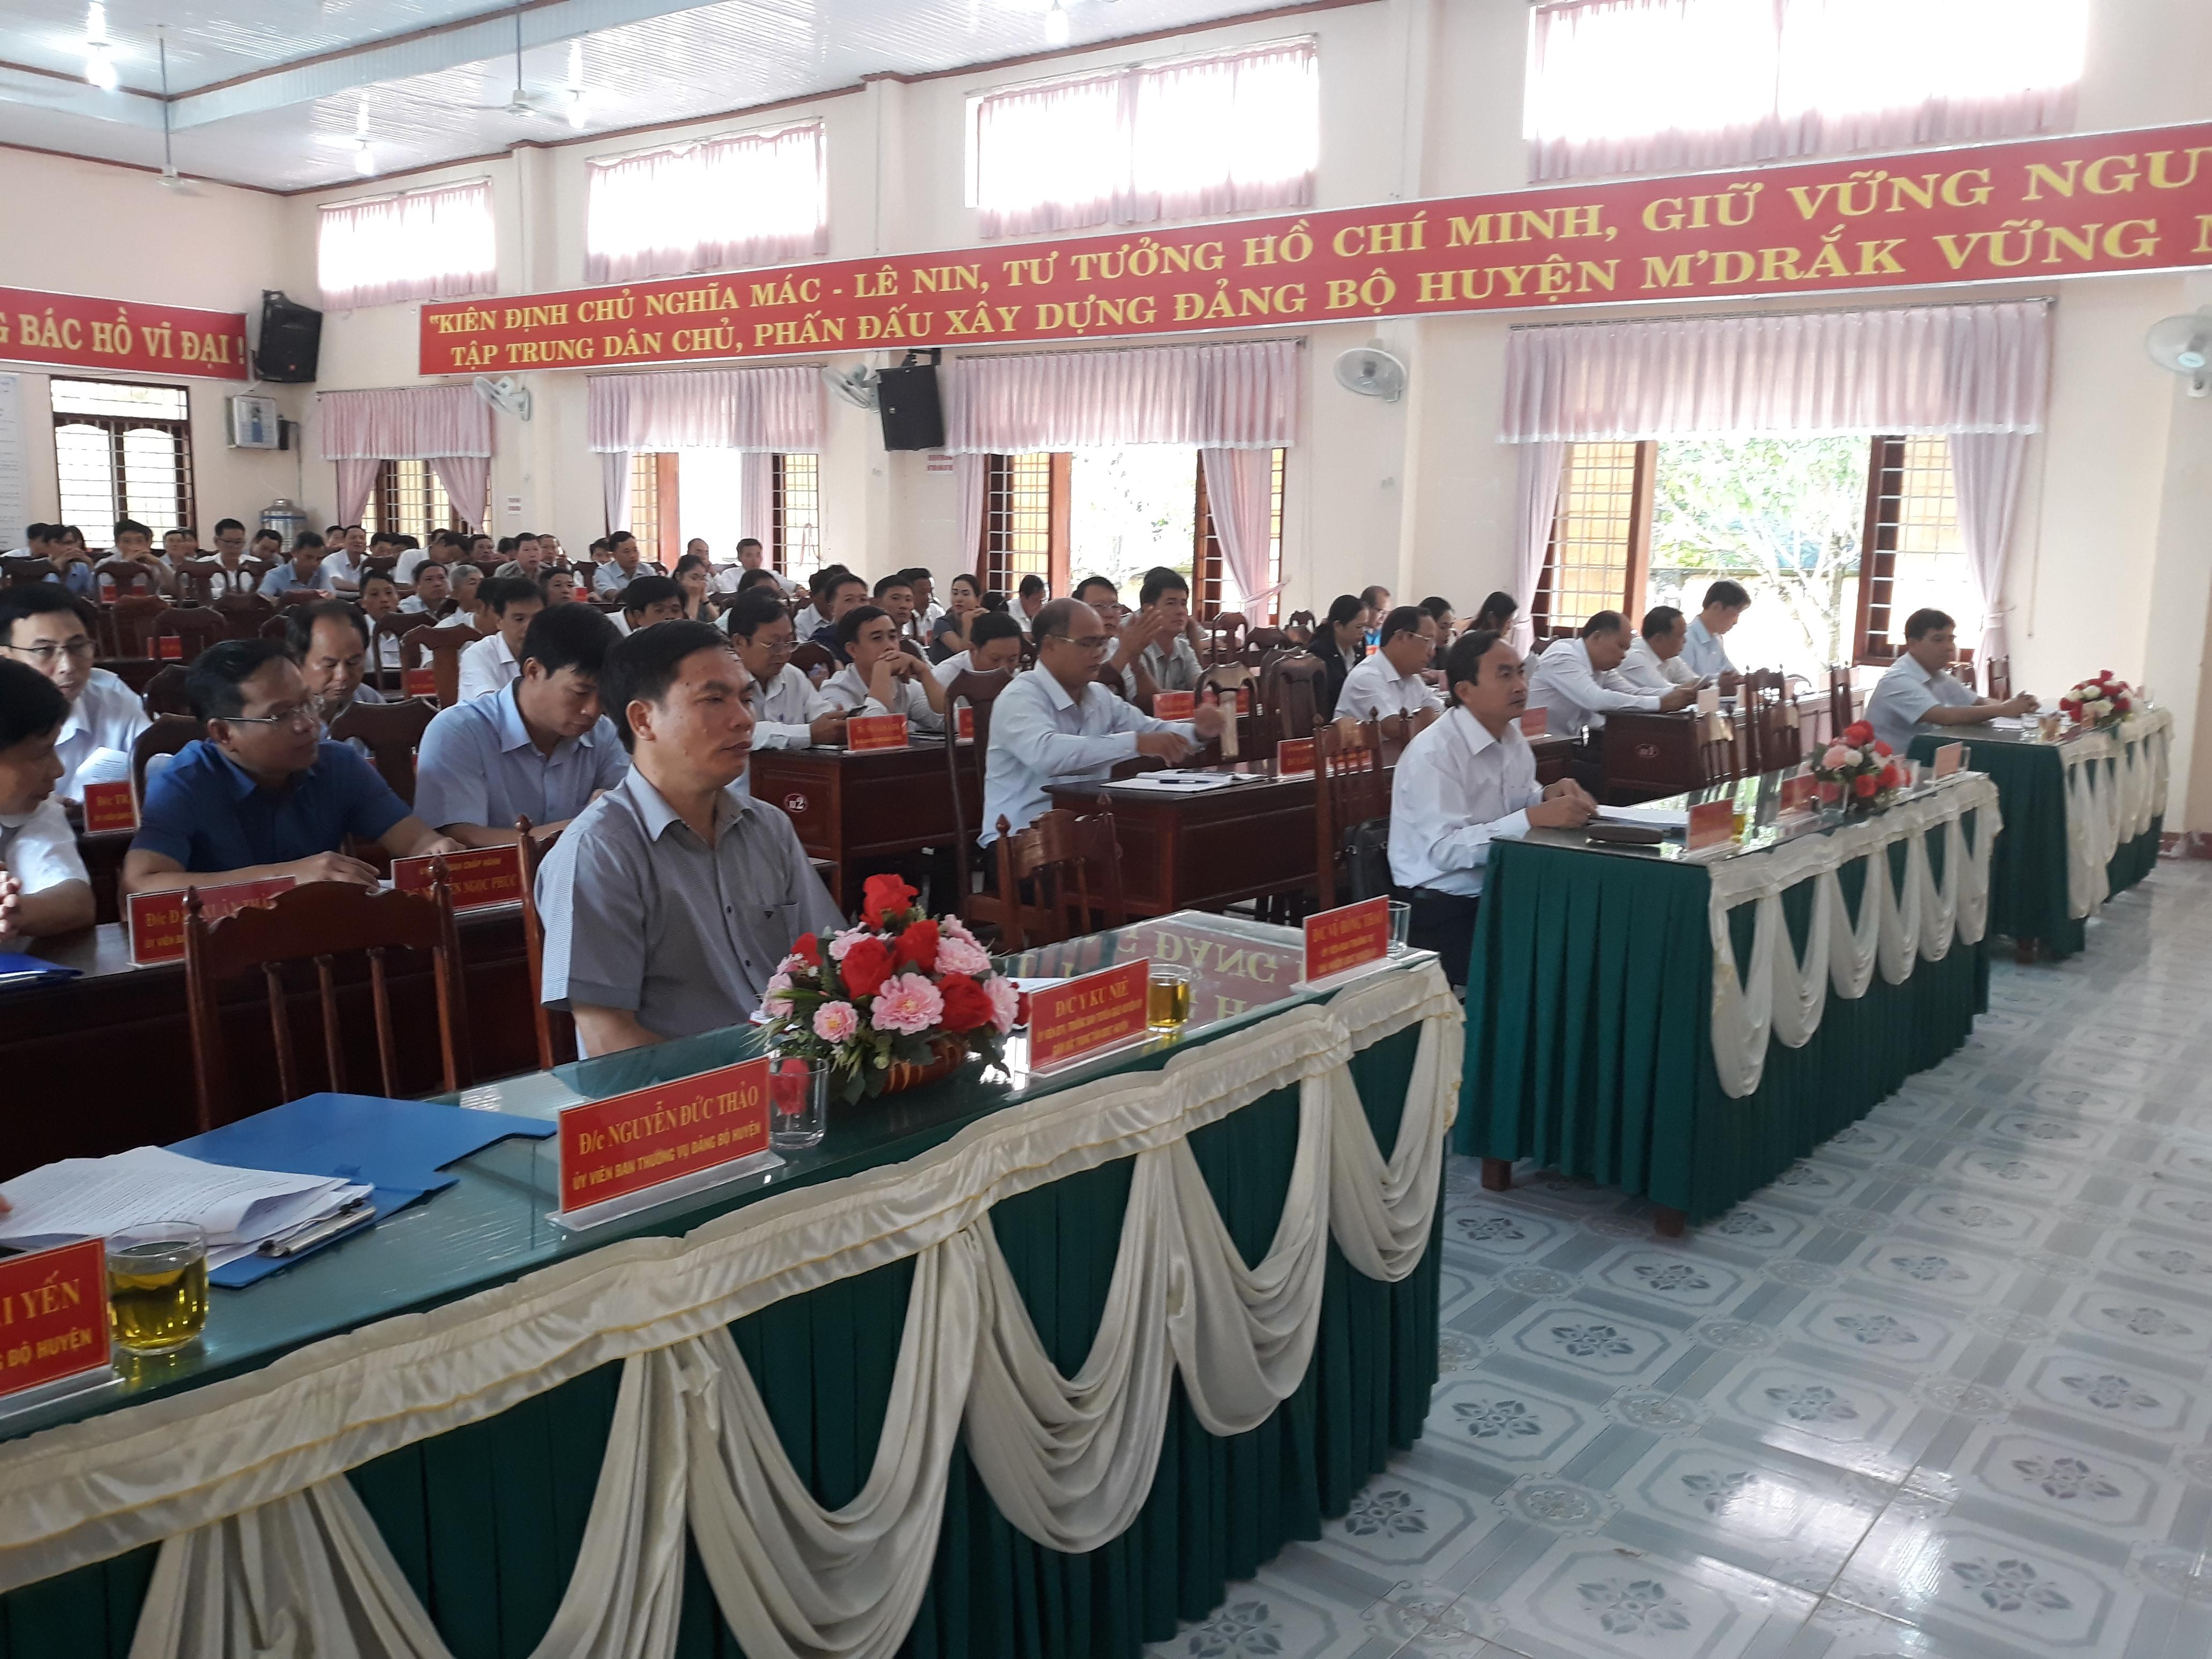 Quán triệt các văn bản của Trung ương, của Tỉnh ủy và của Huyện ủy đợt 2 năm 2020